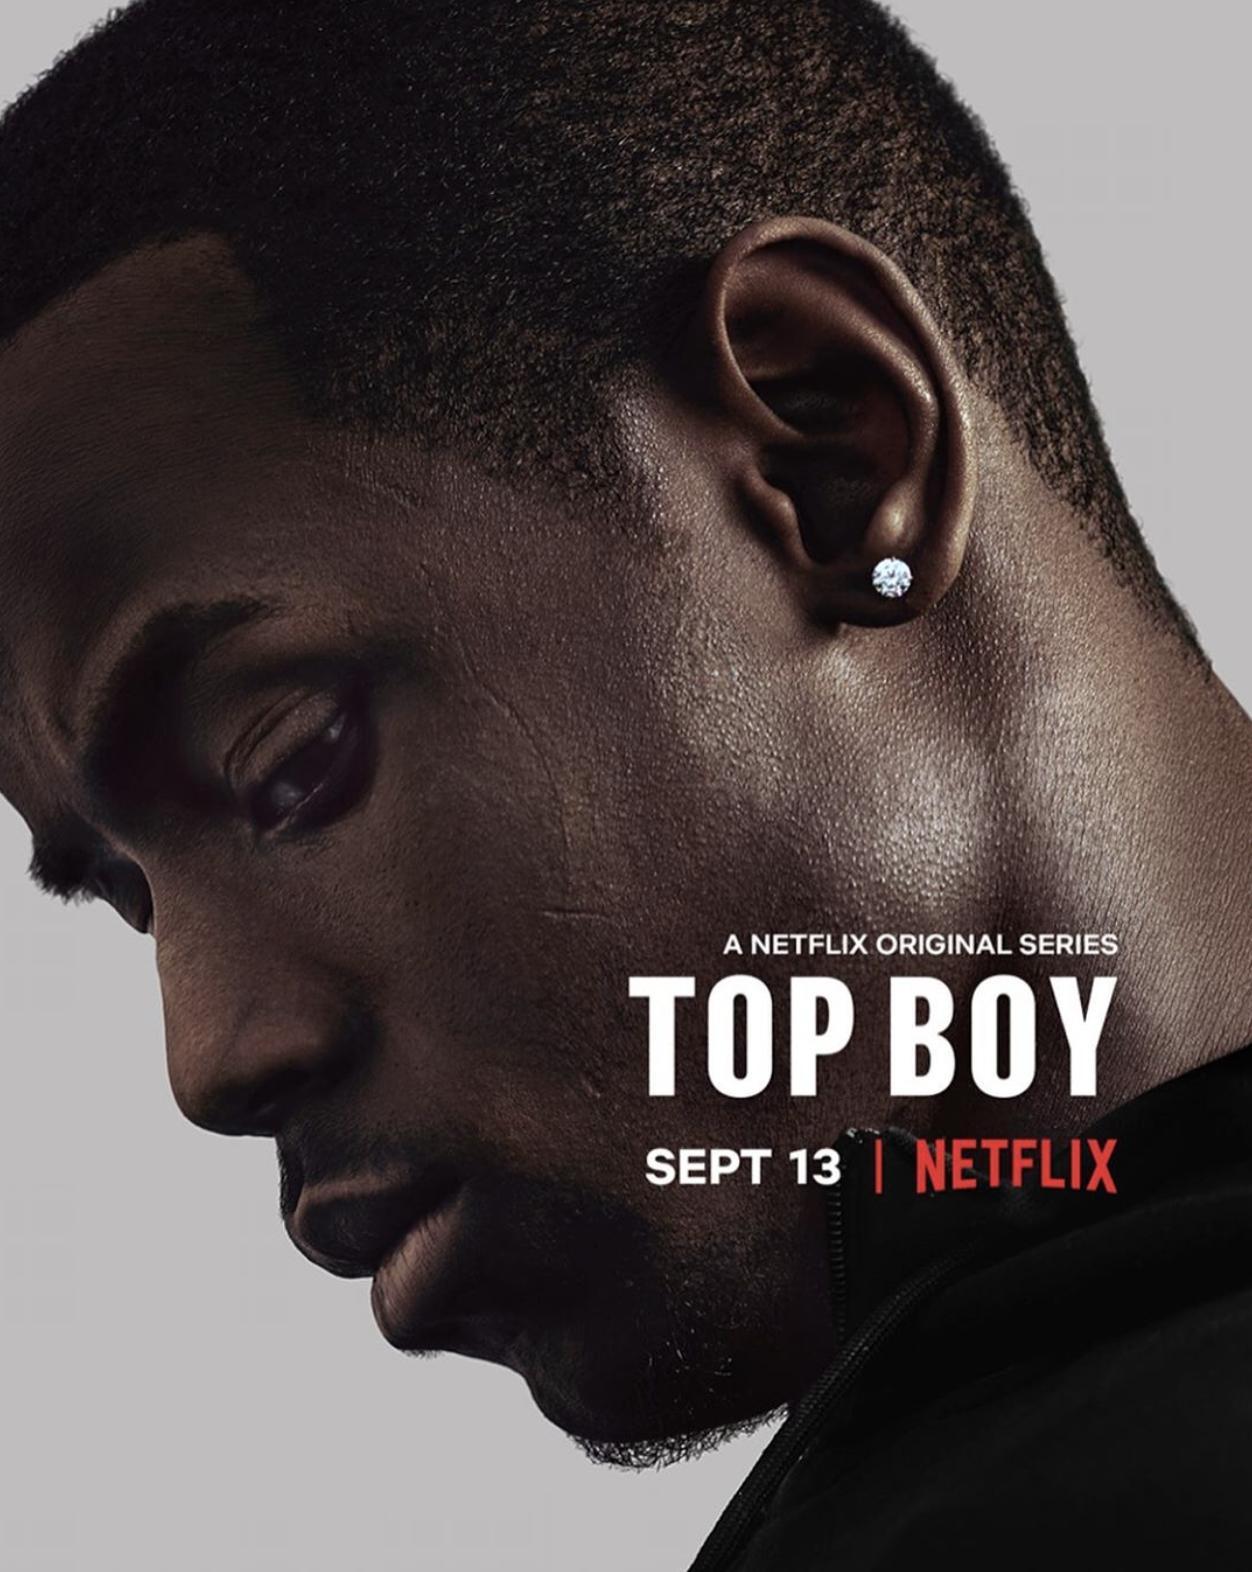 top-boy-season-3-poster-1566548394.png